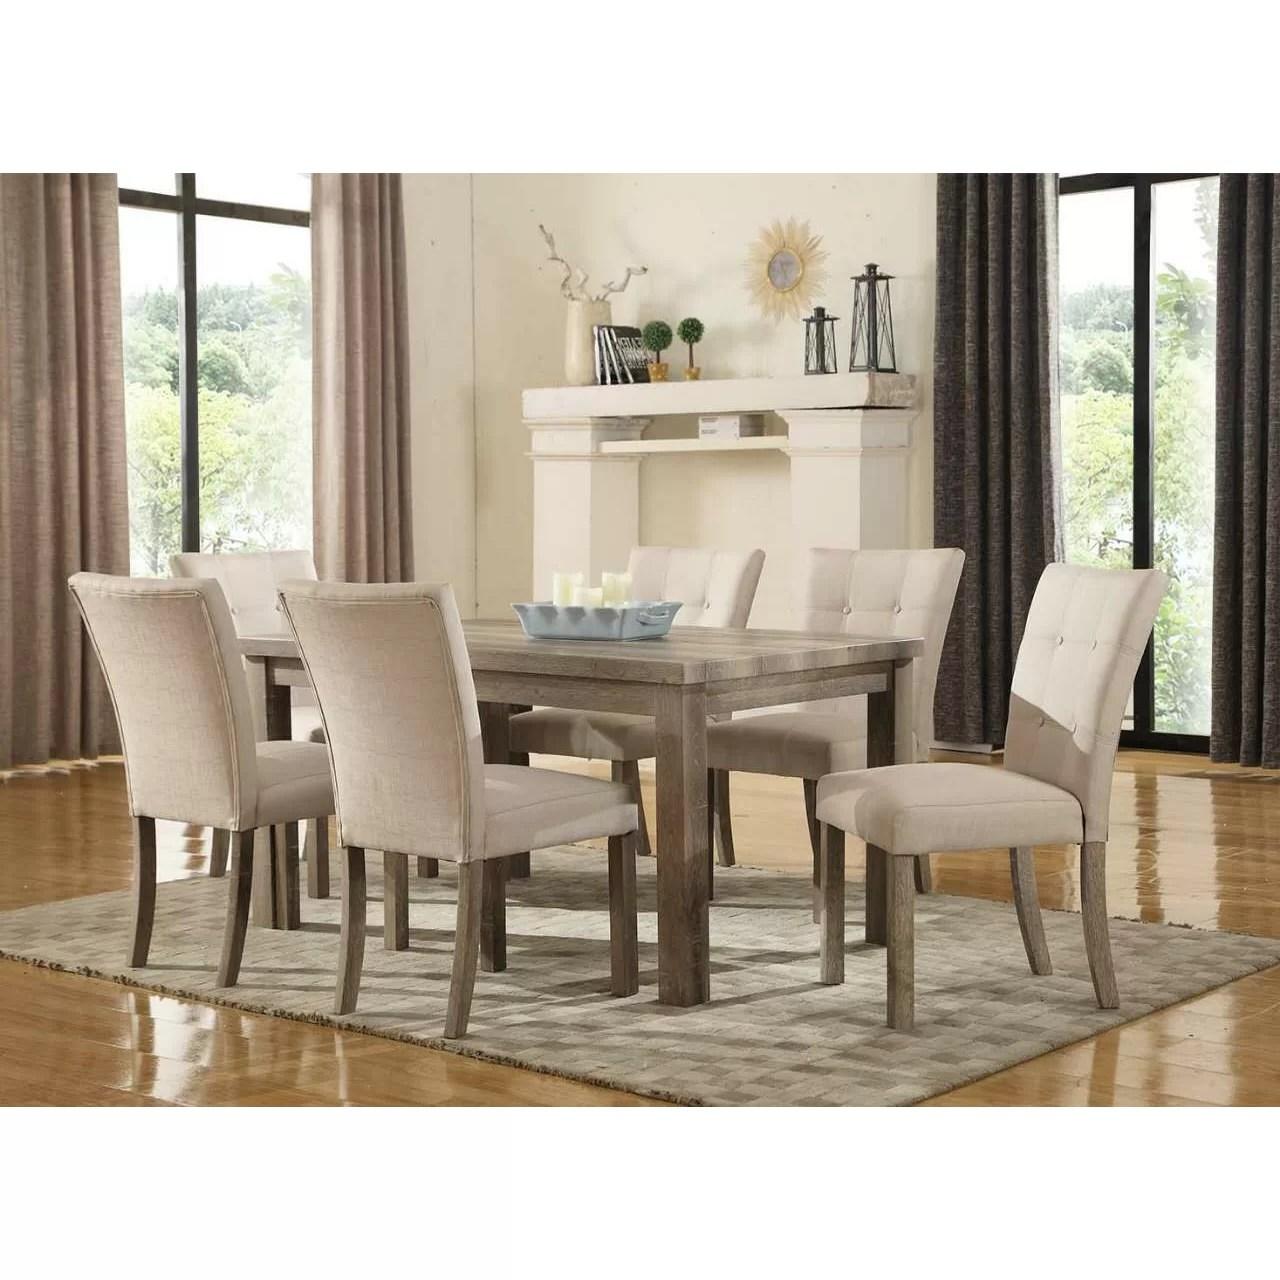 7 piece kitchen dining room sets c a~ wayfair kitchen chairs Urban 7 Piece Dining Set